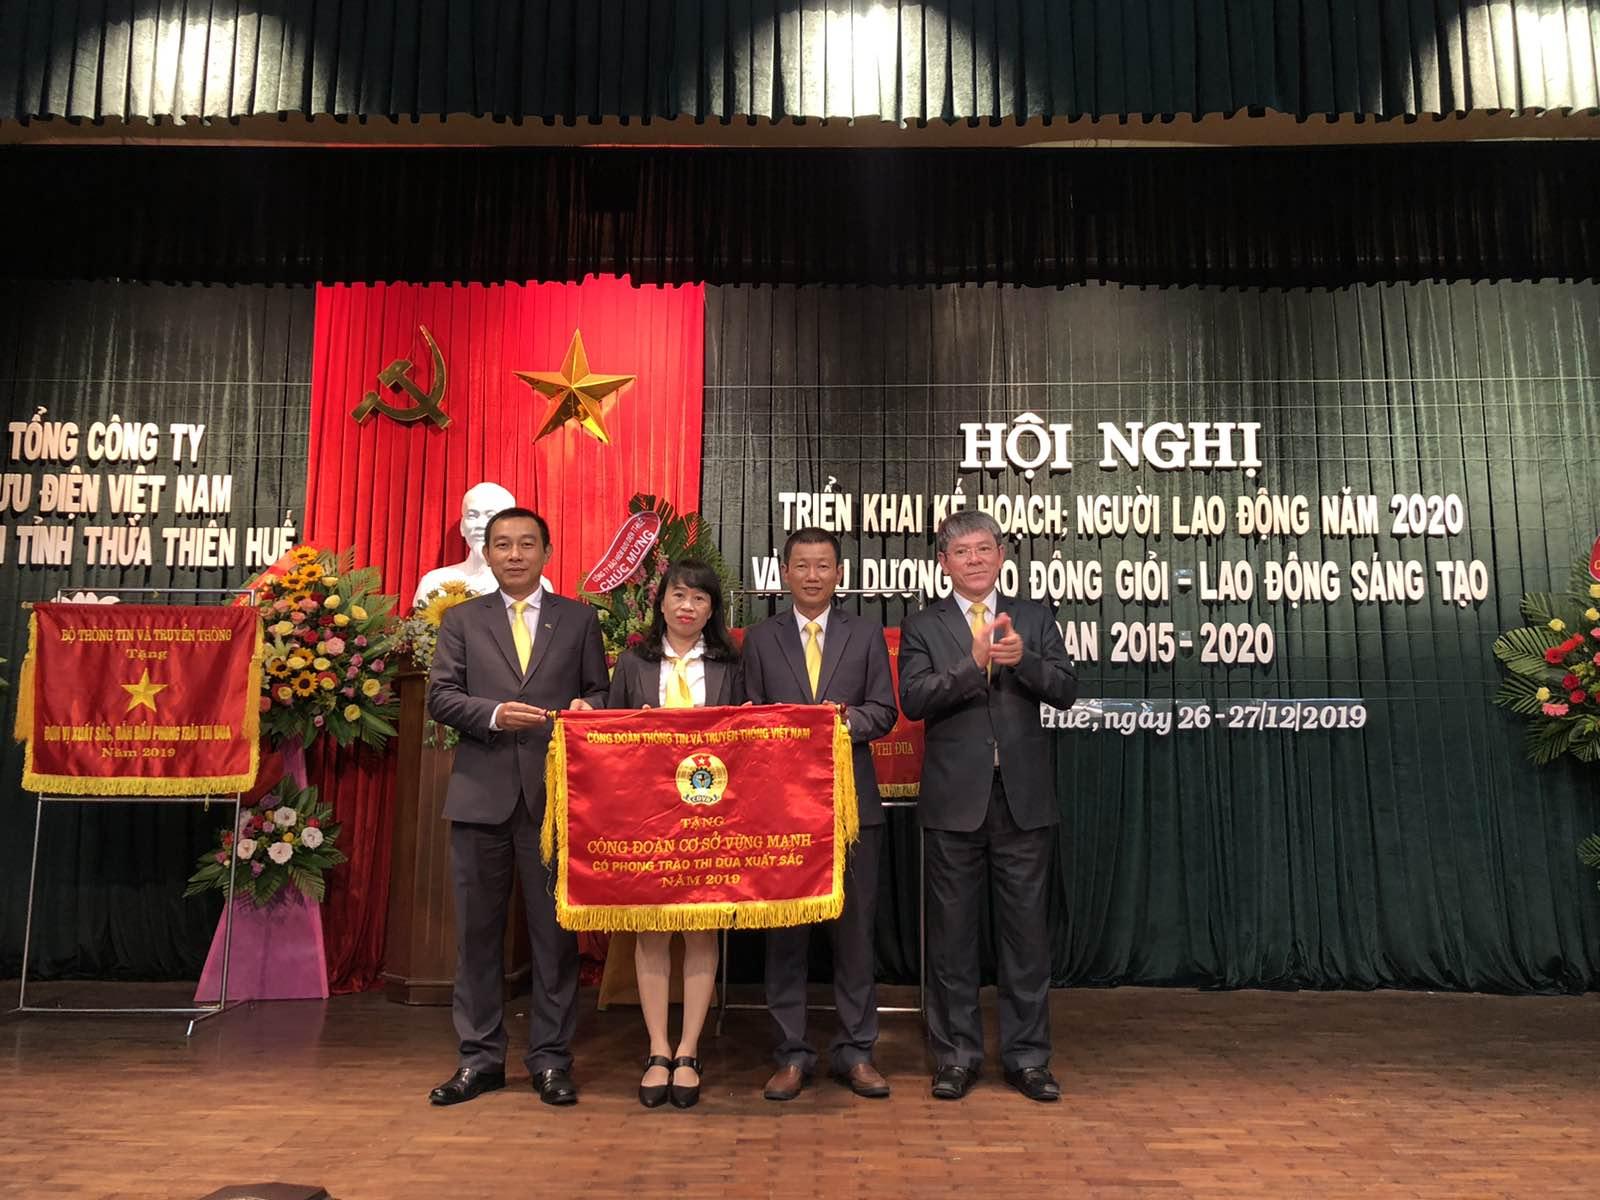 Công đoàn Bưu điện tỉnh Thừa Thiên Huế vinh dự đón nhận Cờ thi đua của Công đoàn Thông tin và Truyền thông về thành tích xuất sắc trong phong trào thi đua lao động giỏi và xây dựng tổ chức Công đoàn vững mạnh năm 2019